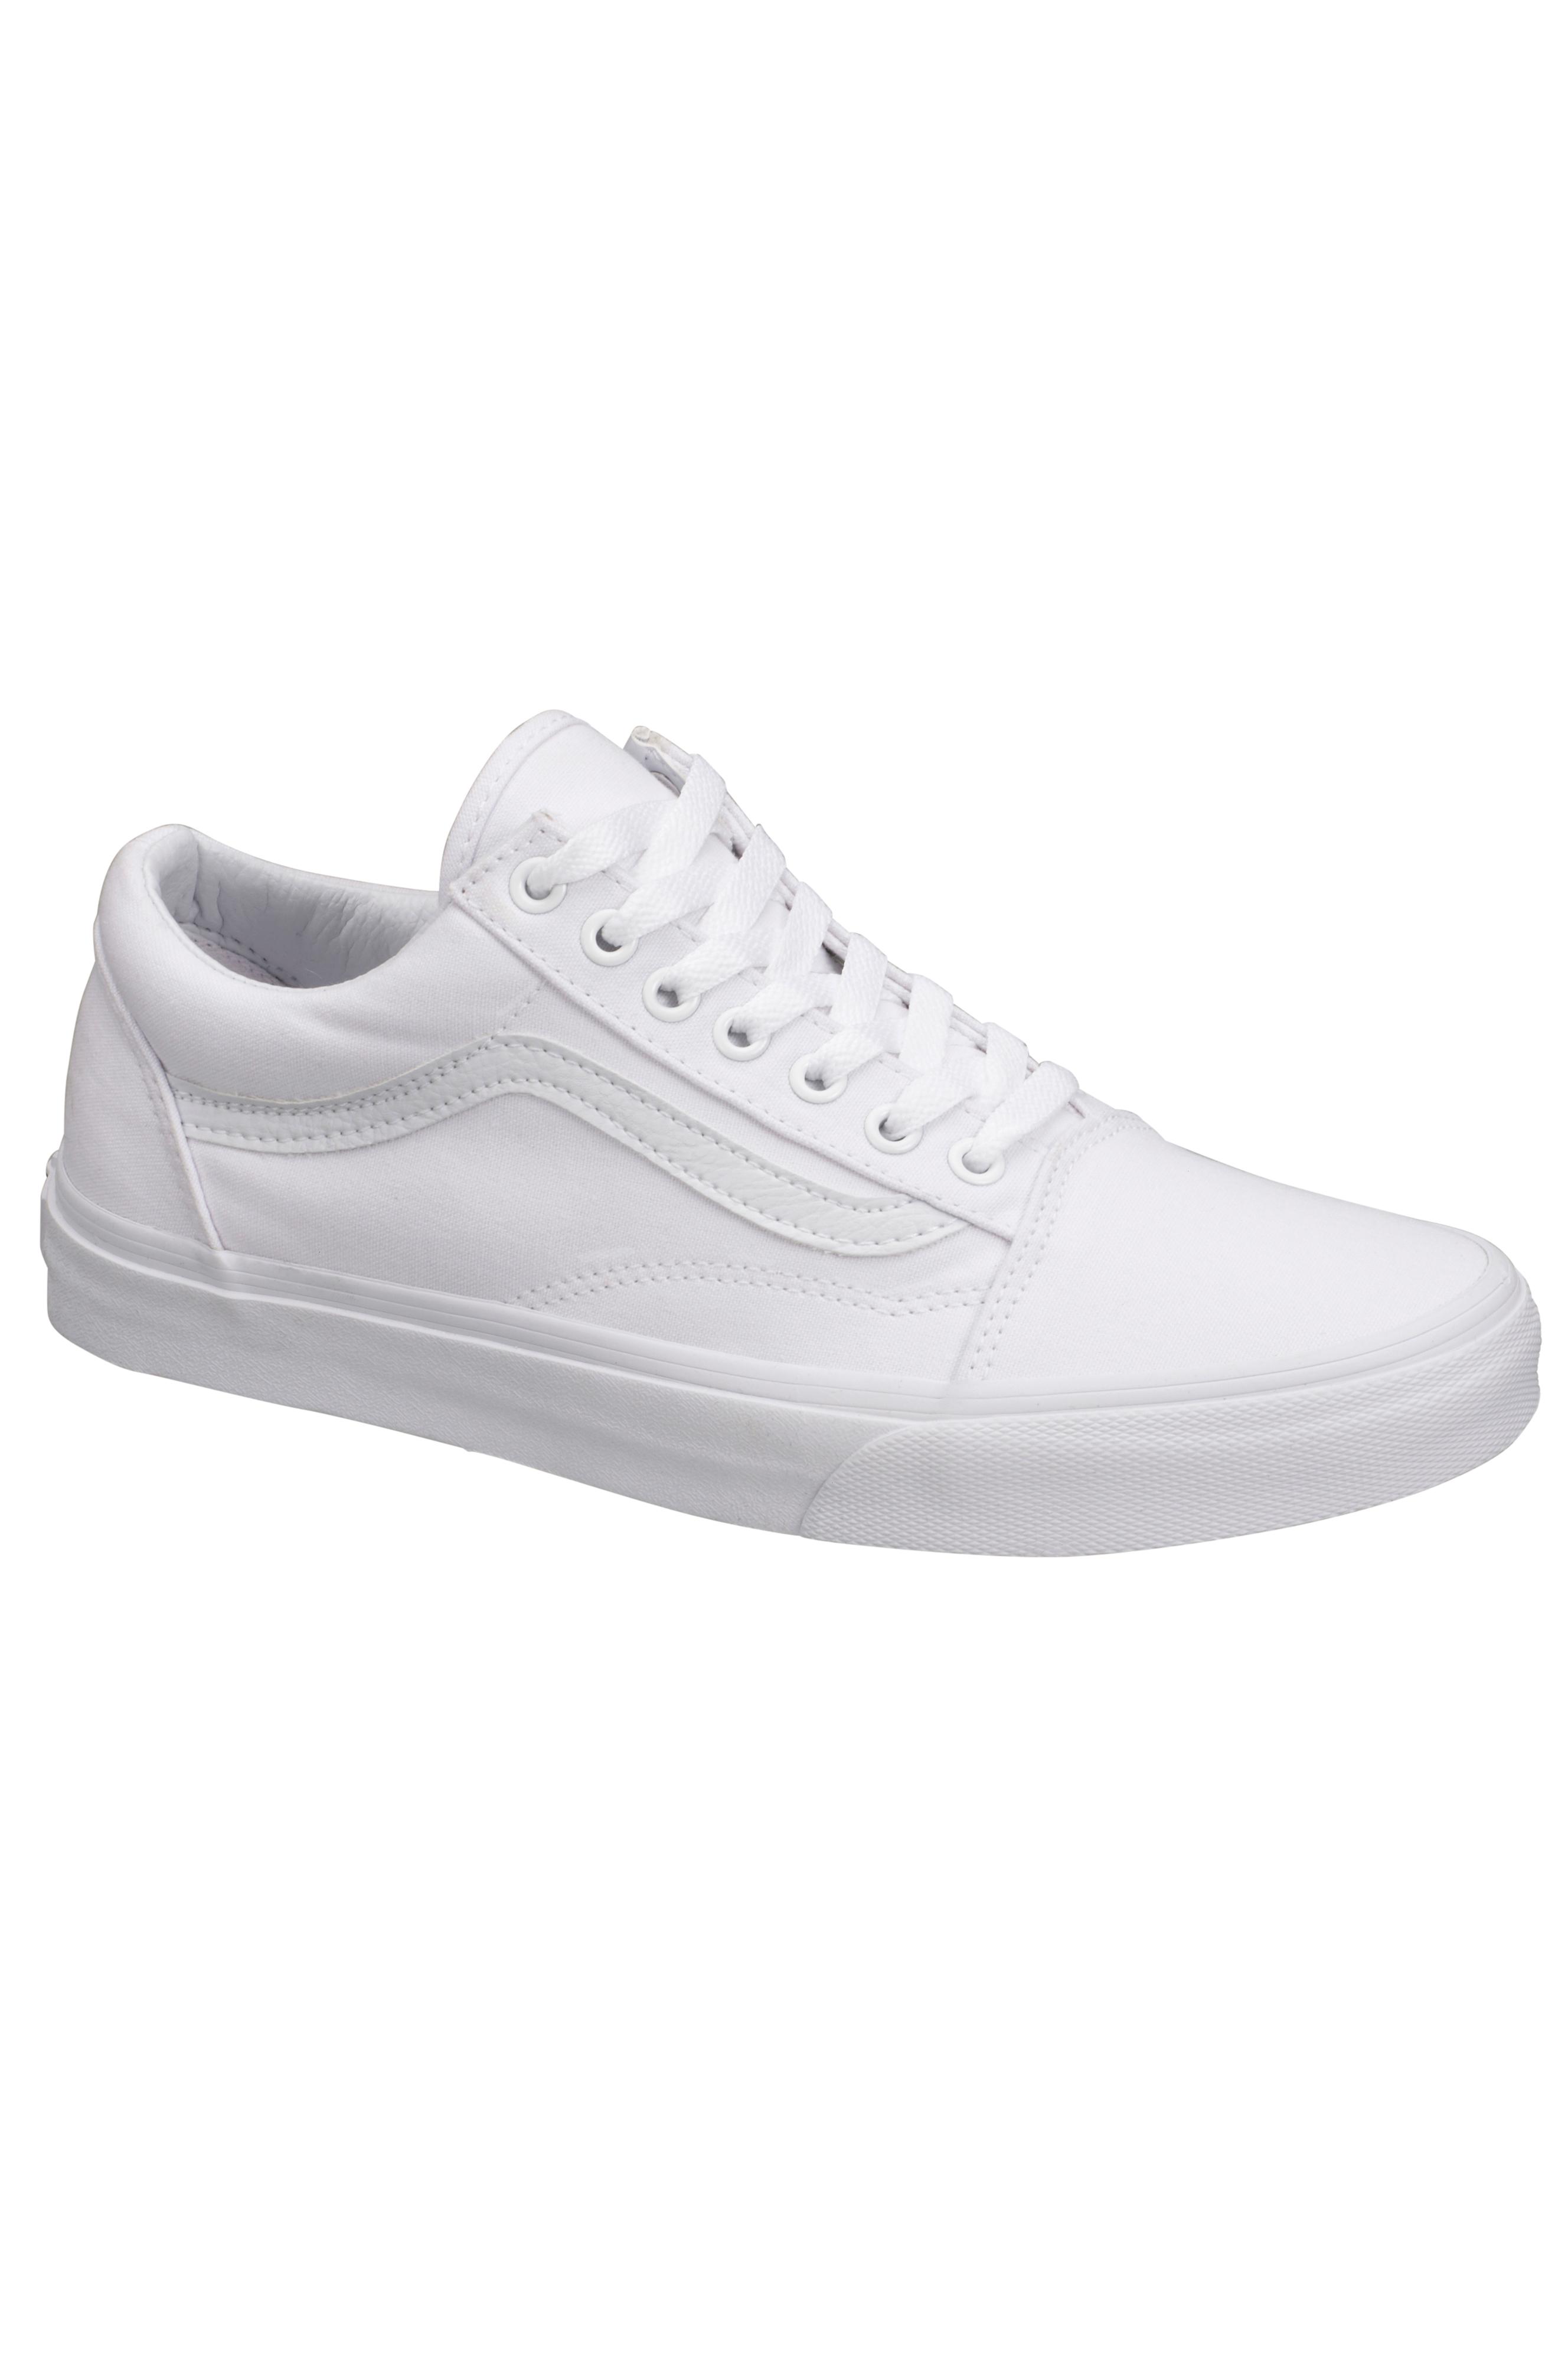 Vans Old Skool Sneakers Vit Dam Ellos.se